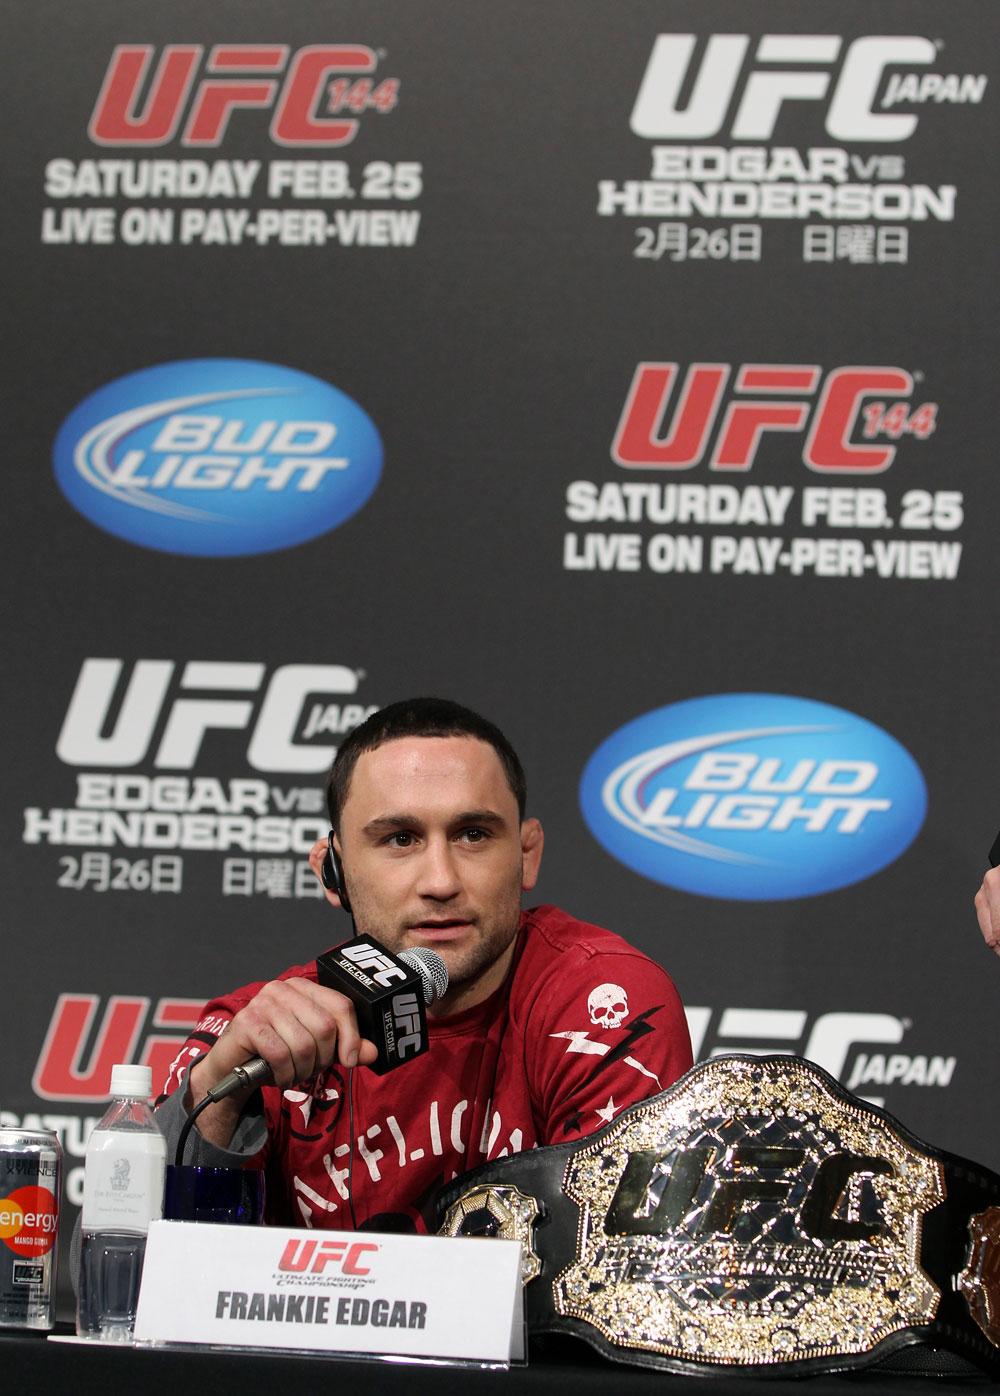 UFC lightweight champion Frankie Edgar